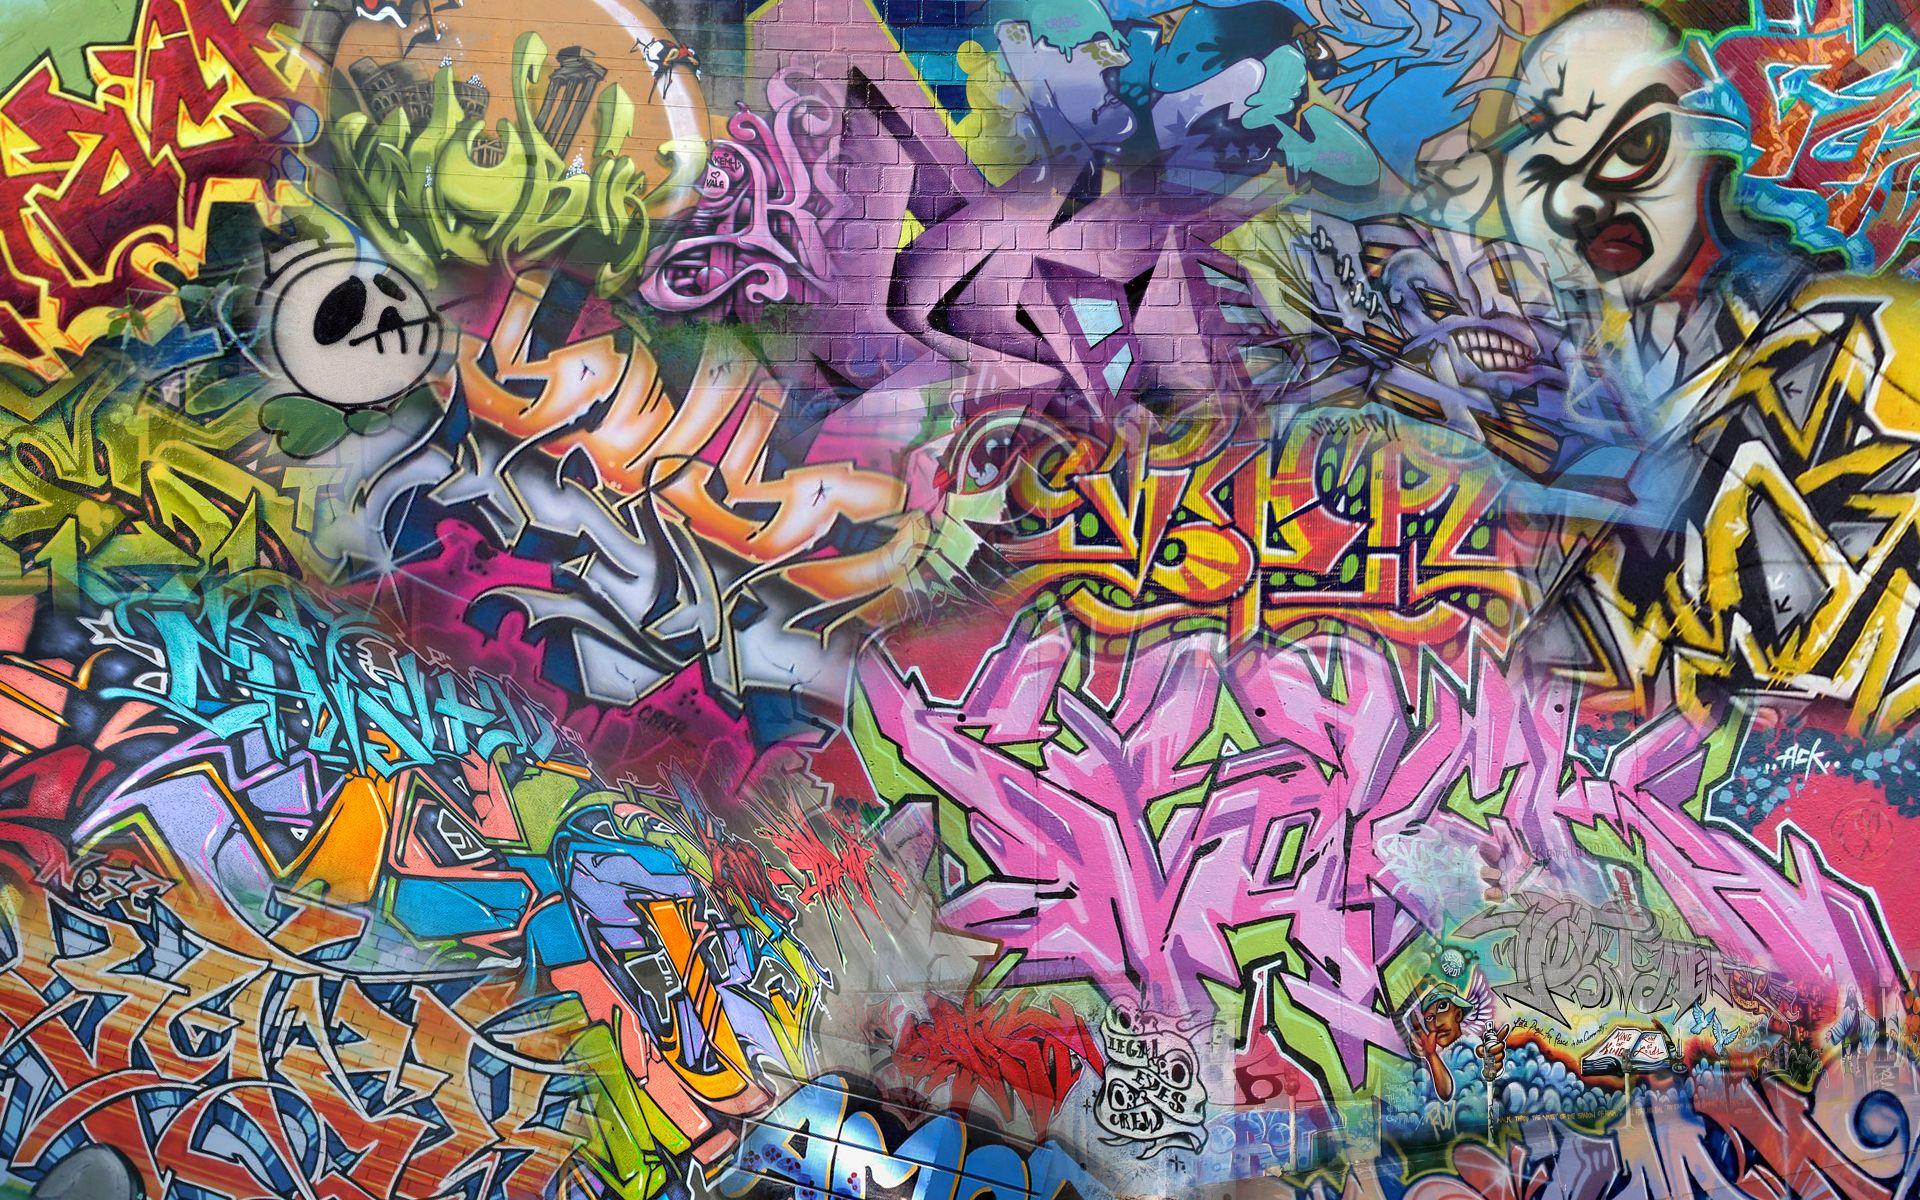 street art wallpapers - full hd wallpaper search | doodleige